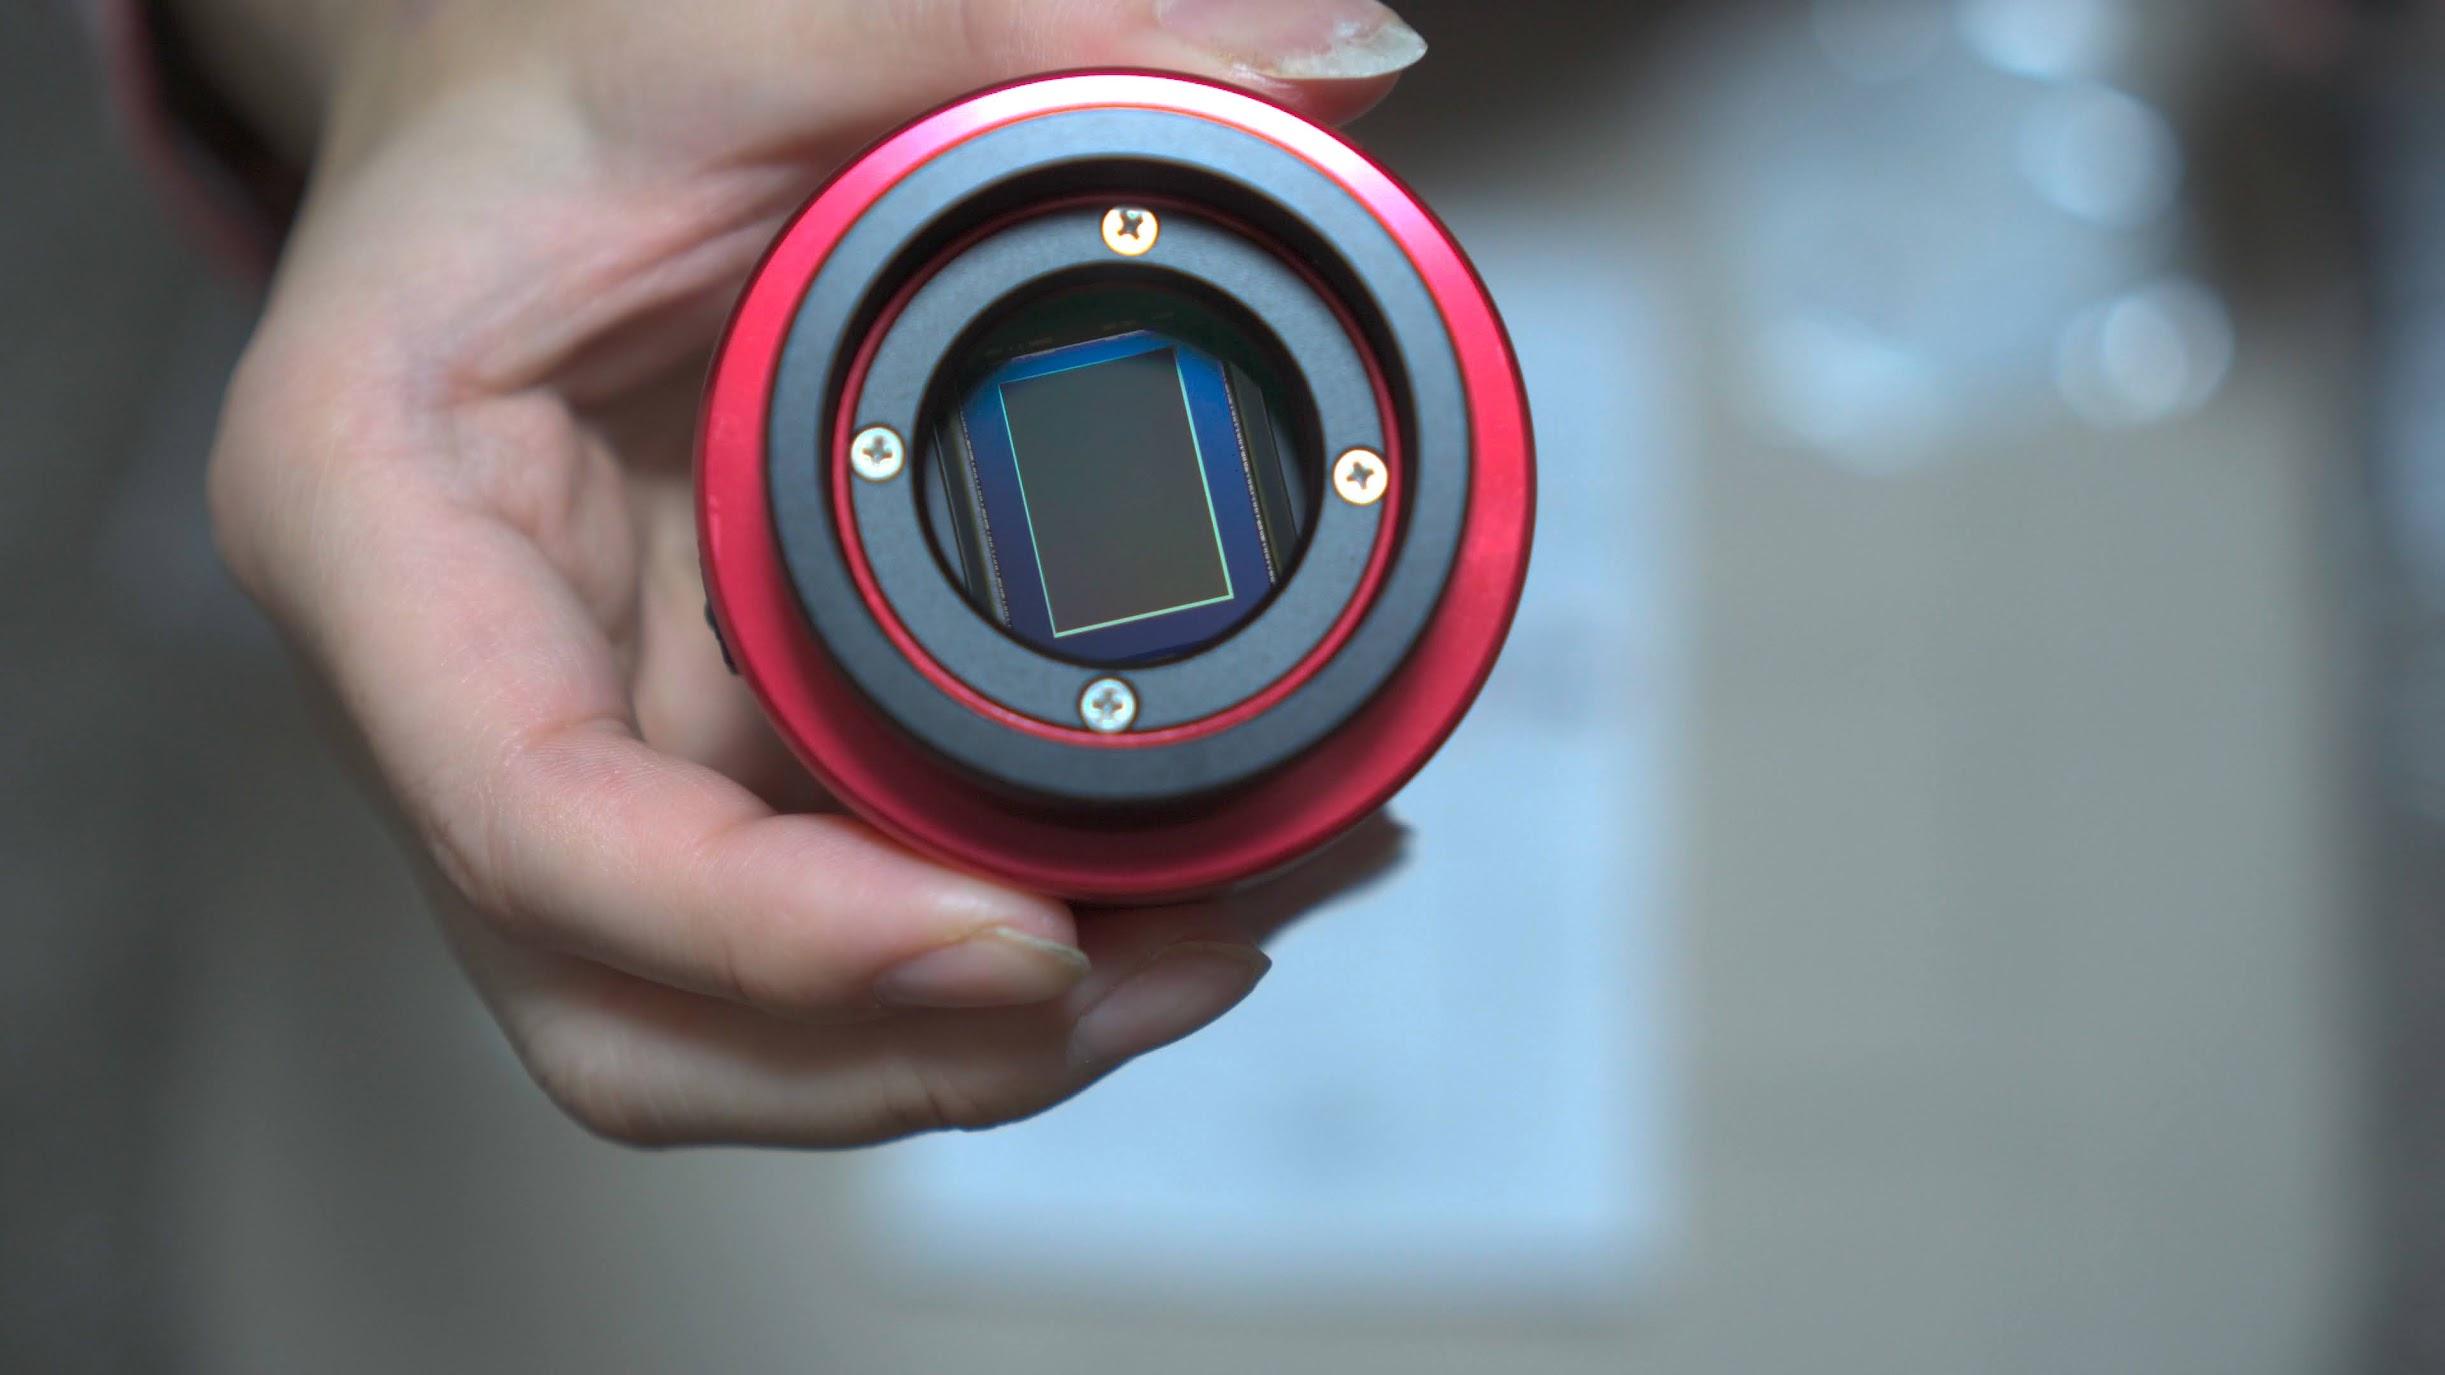 【天体撮影用のCMOSカメラ】ZWO ASI294MCを買ってみました。